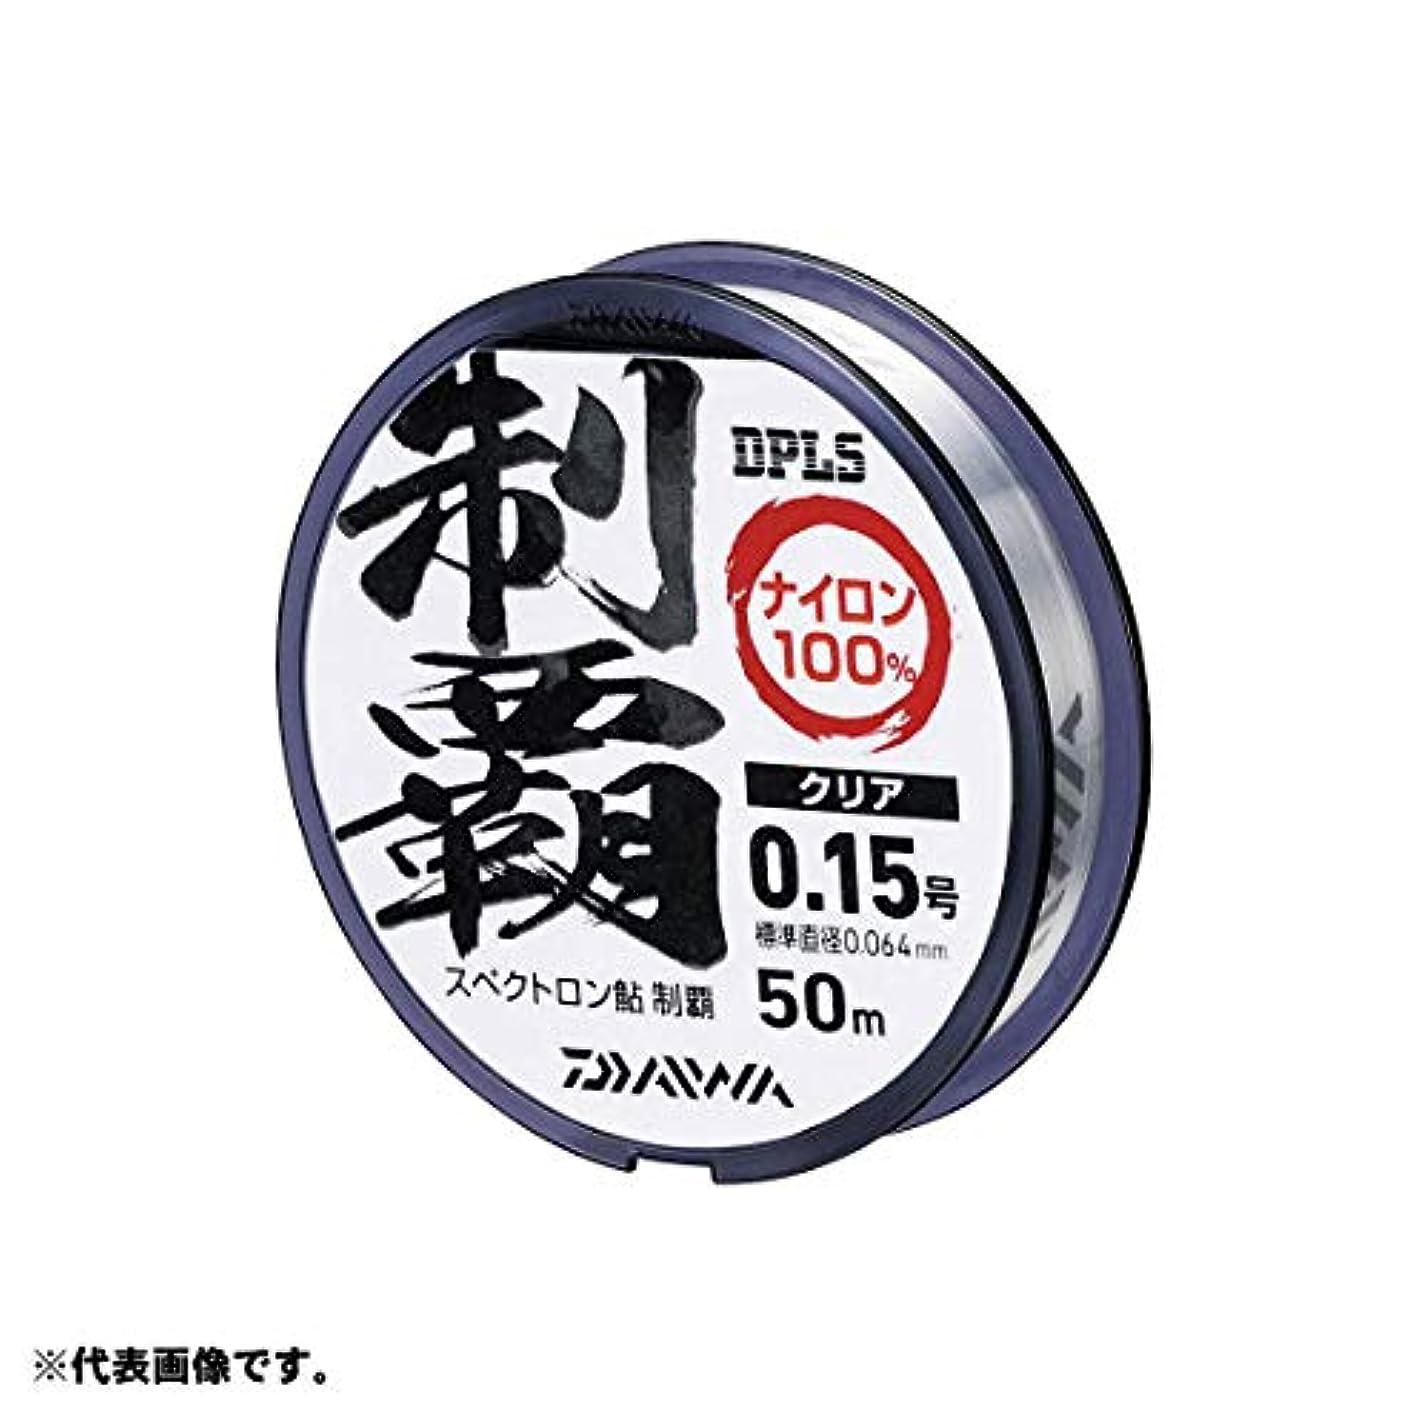 凍った規定高架ダイワ(Daiwa) ナイロンライン スペクトロン鮎 制覇 50m 0.25号 クリアー